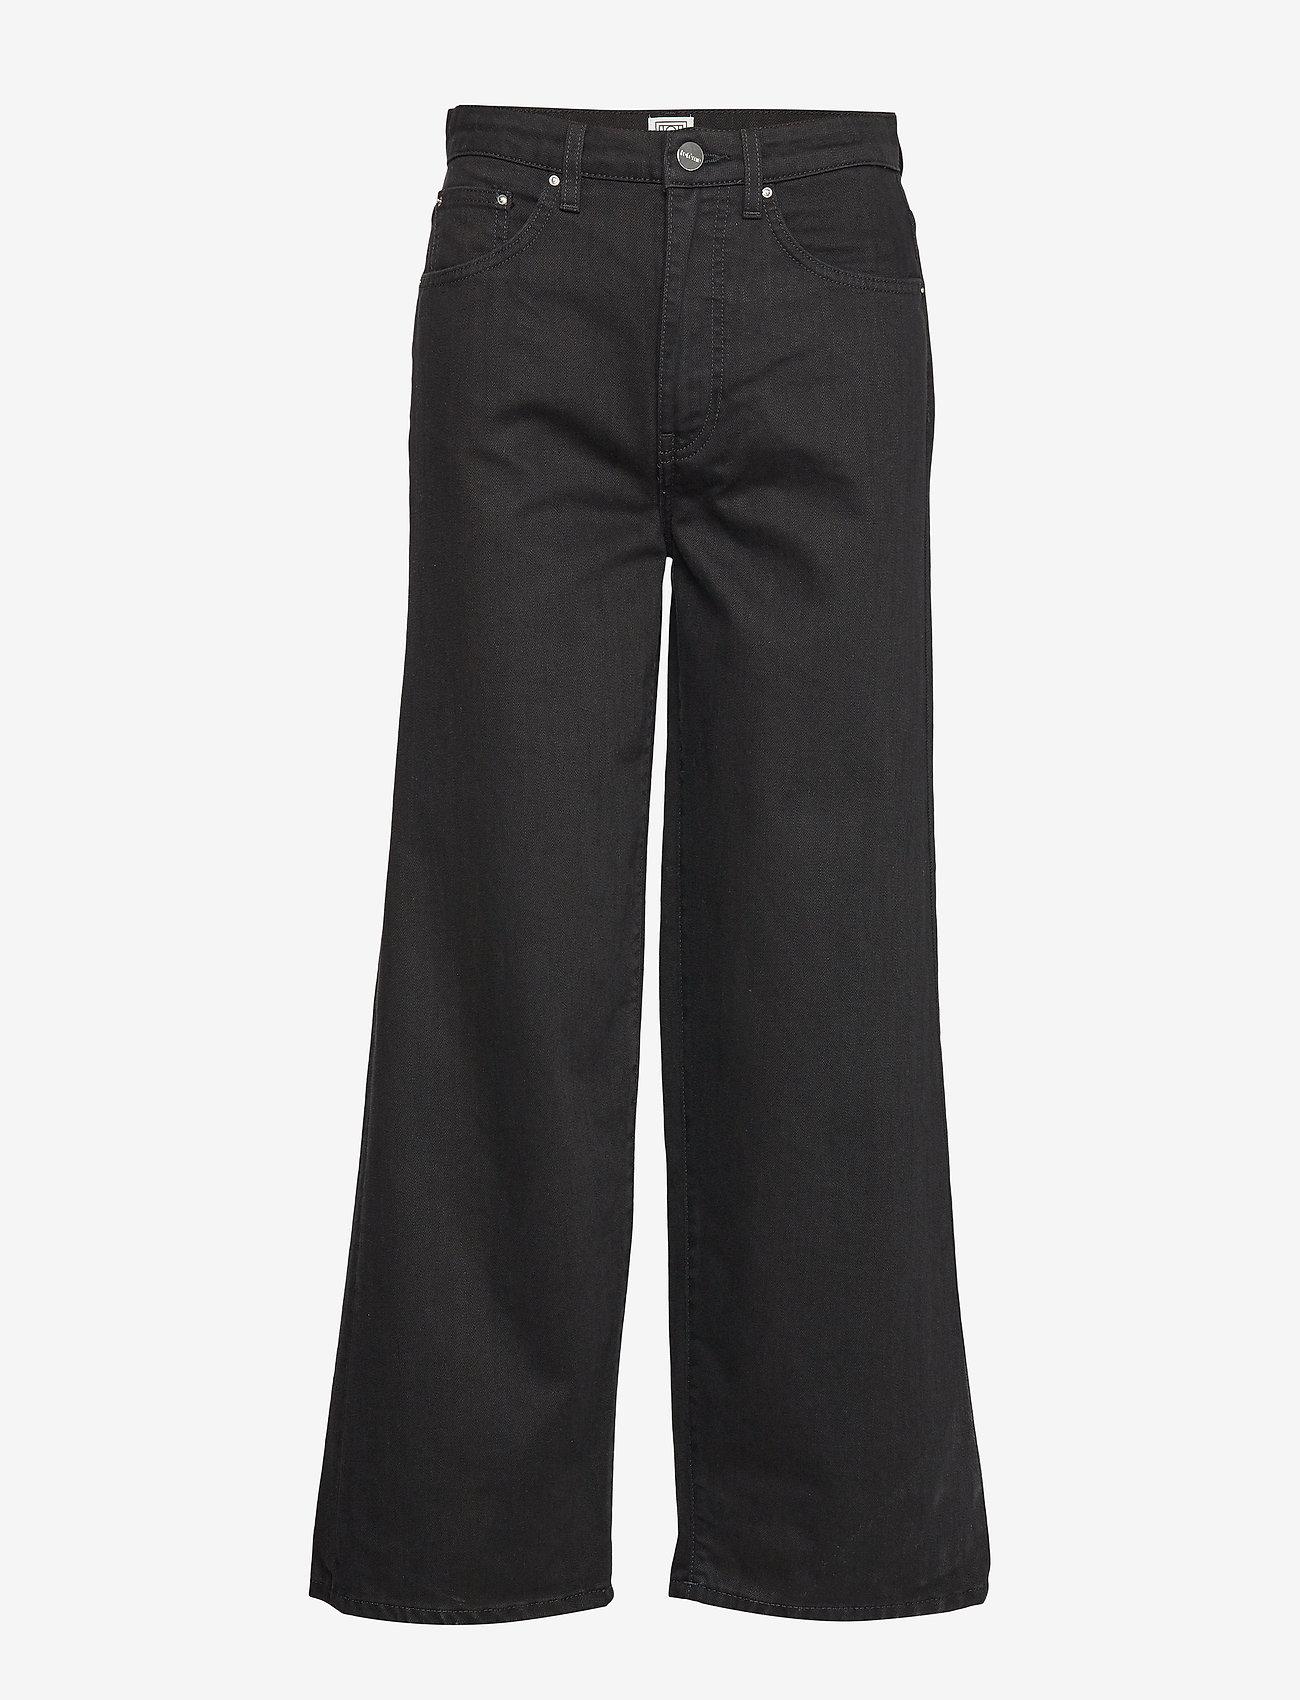 Totême - FLAIR DENIM - szerokie dżinsy - black rinse 290 - 0